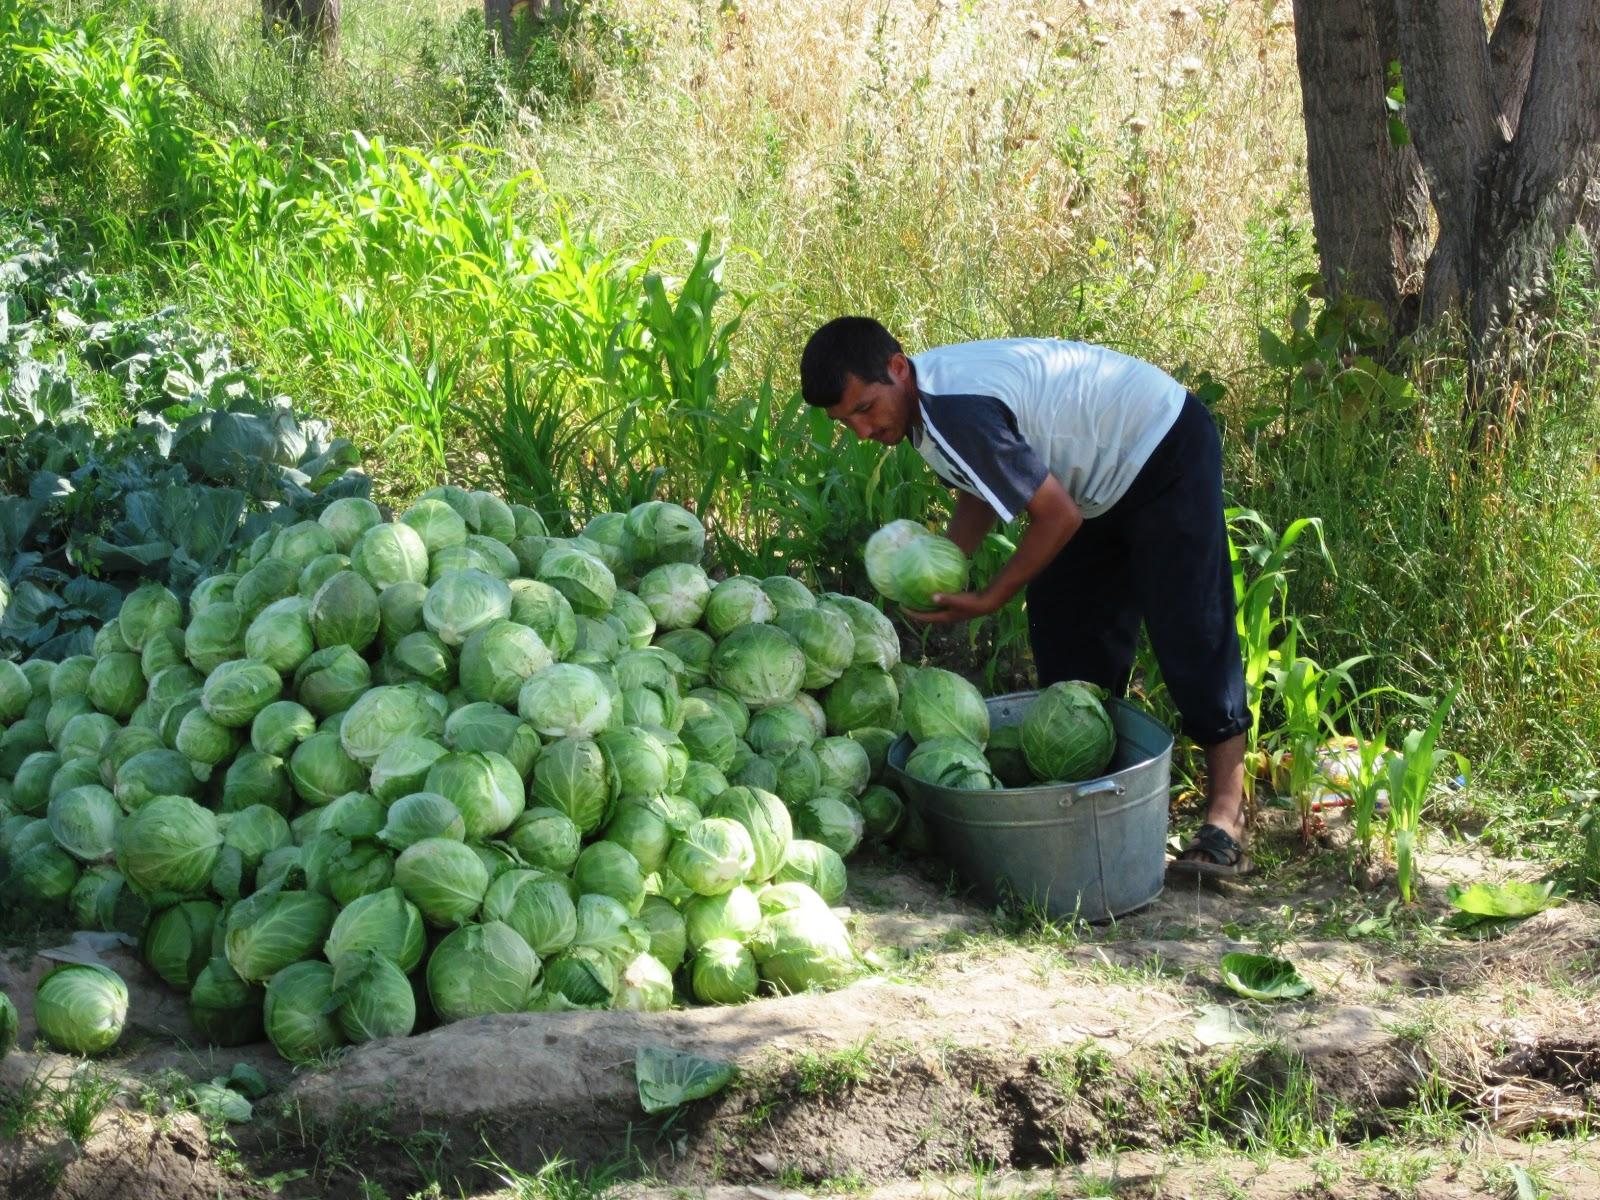 市場へキャベツを持って行くタジク人の農夫